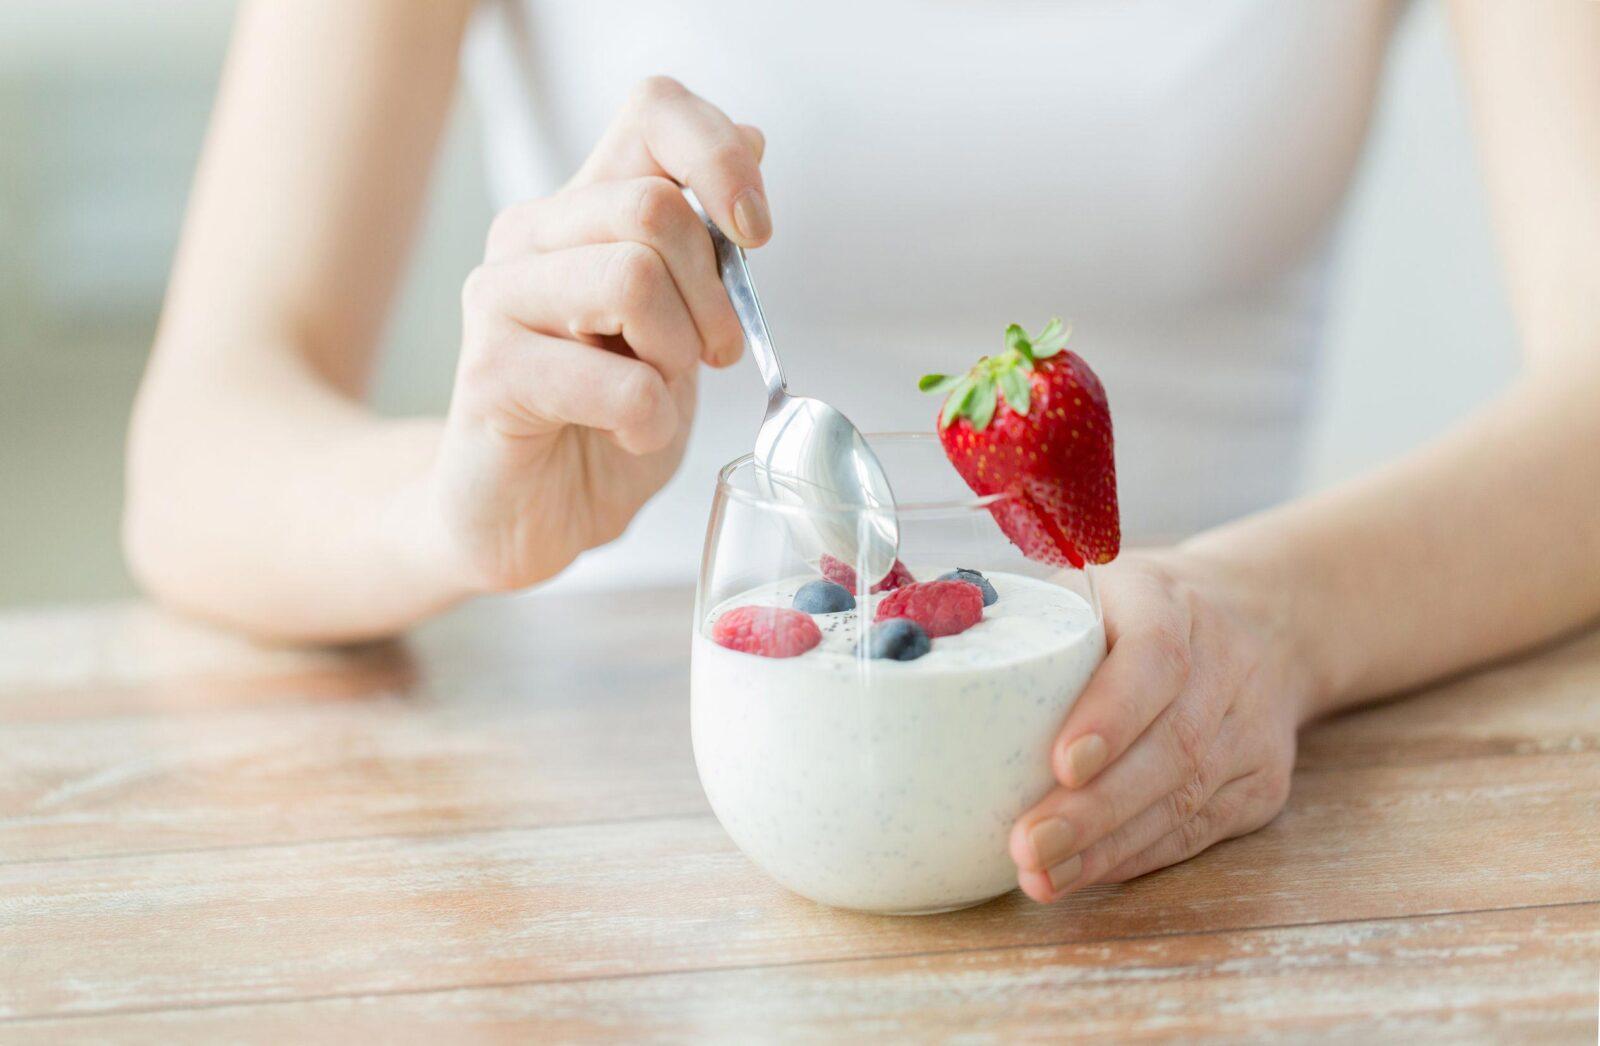 Самые калорийные продукты. Вы должны знать их «в лицо»